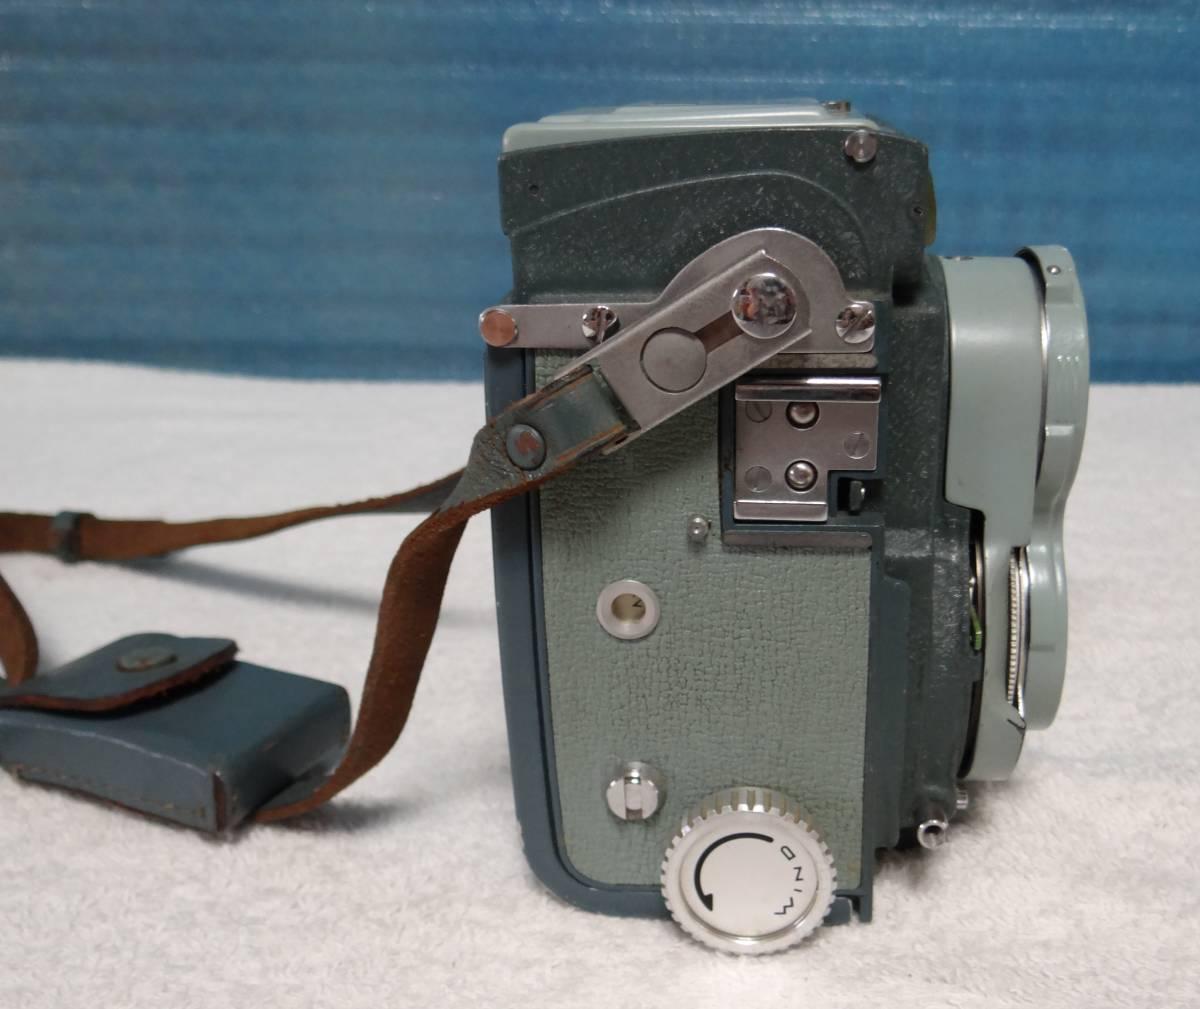 minolta ミノルタ miniflex ミニフレックス 二眼レフカメラ レンズ NIKKOR 1:3.5 f=60㎜ 中古ジャンク_画像4